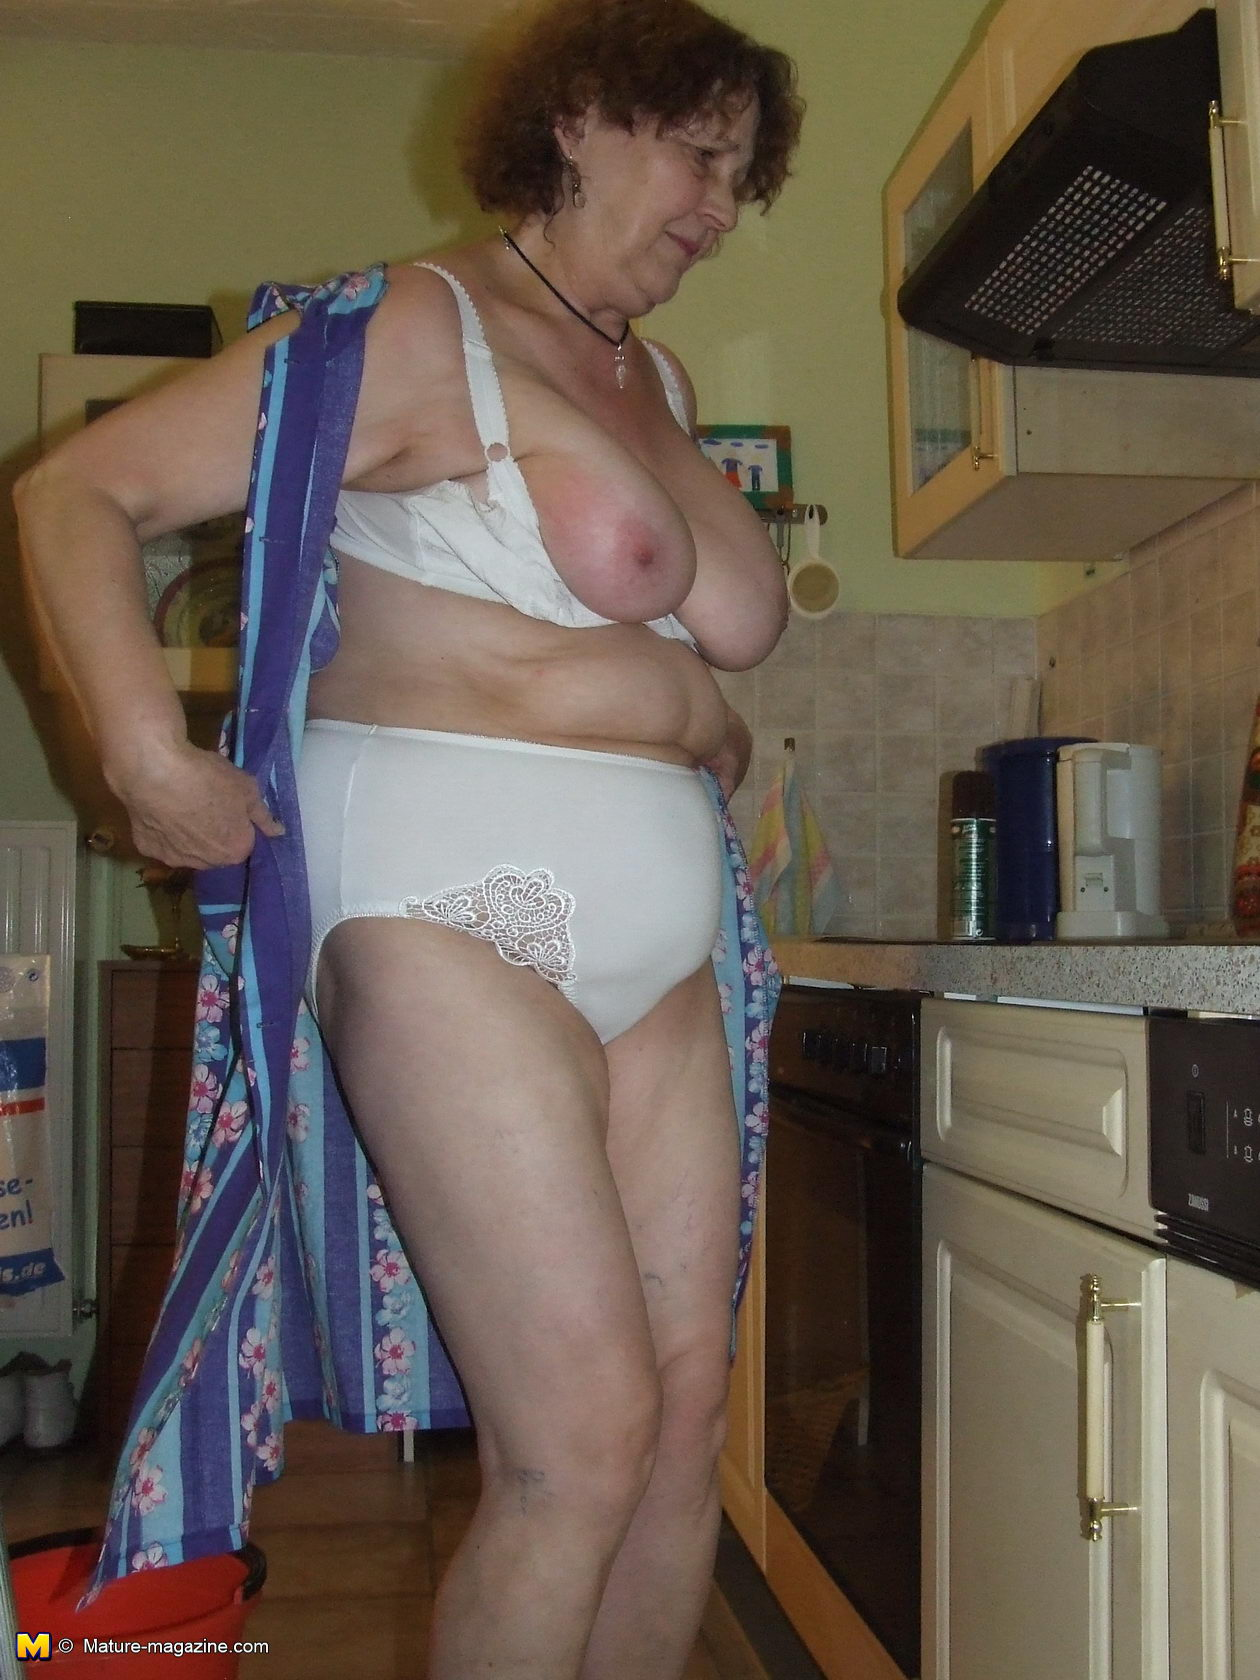 Granny kitchen mature